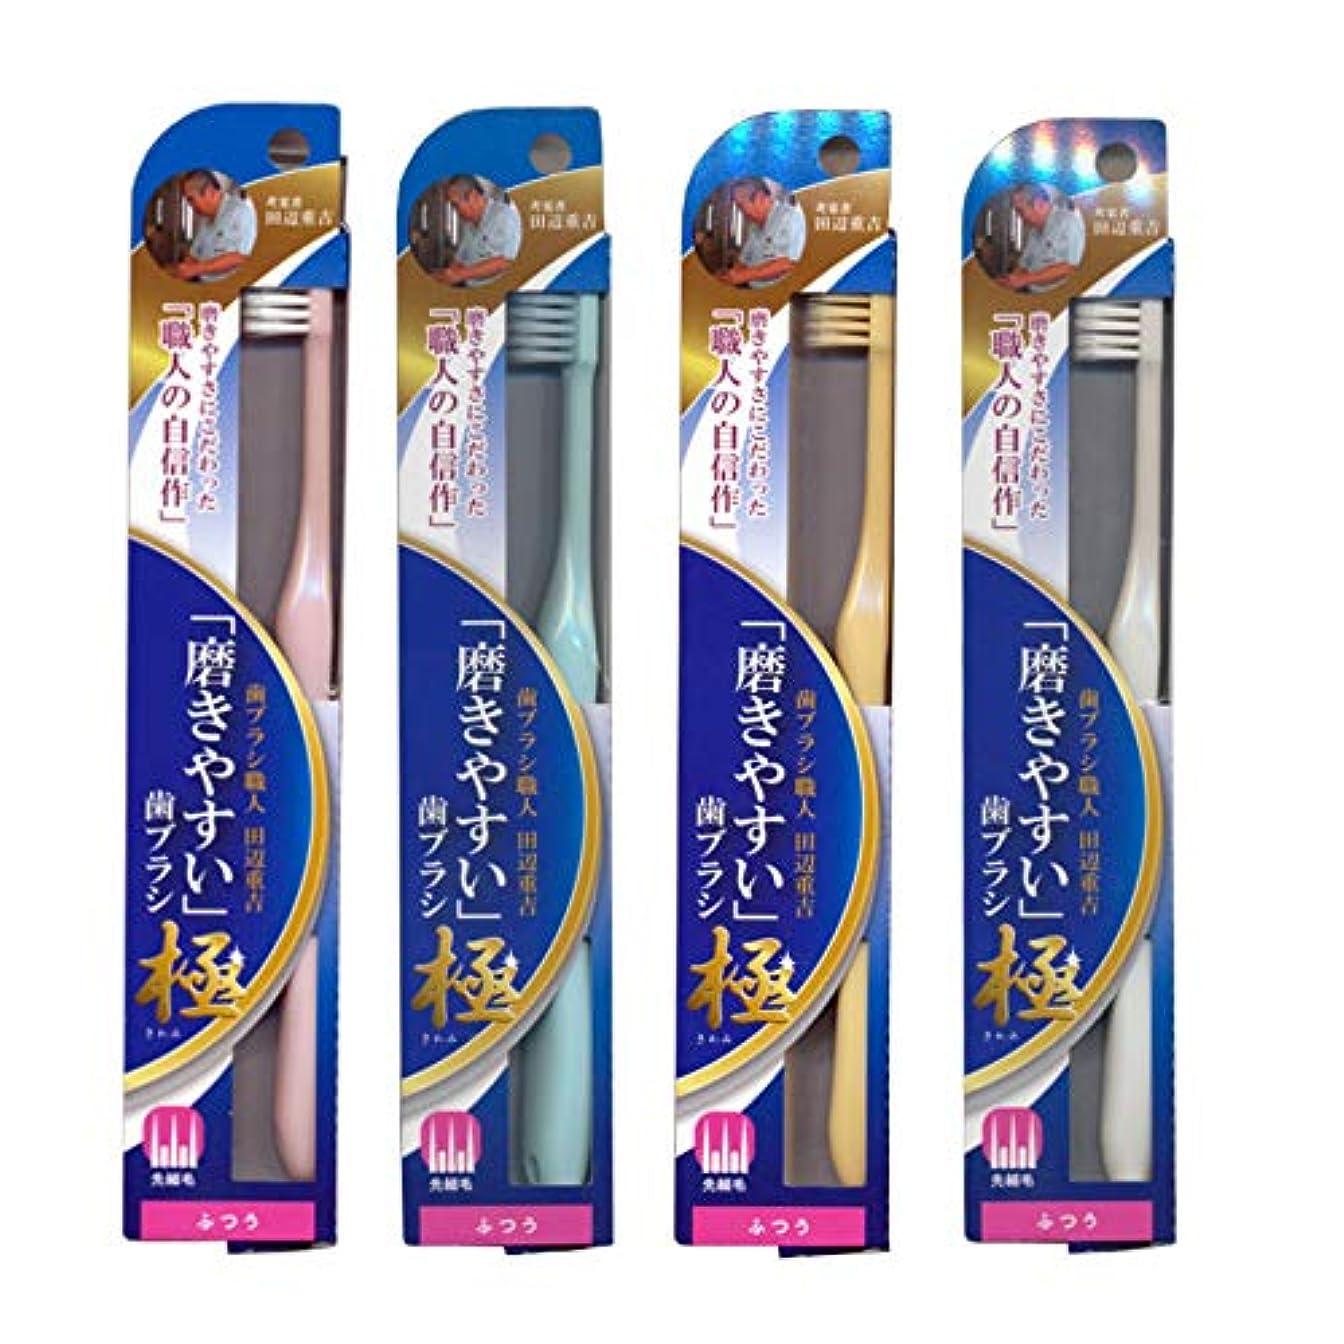 哀れな実行終わり磨きやすい歯ブラシ極 (ふつう) LT-44×4本セット(ピンク×1、ブルー×1、ホワイト×1、イエロー×1)先細毛